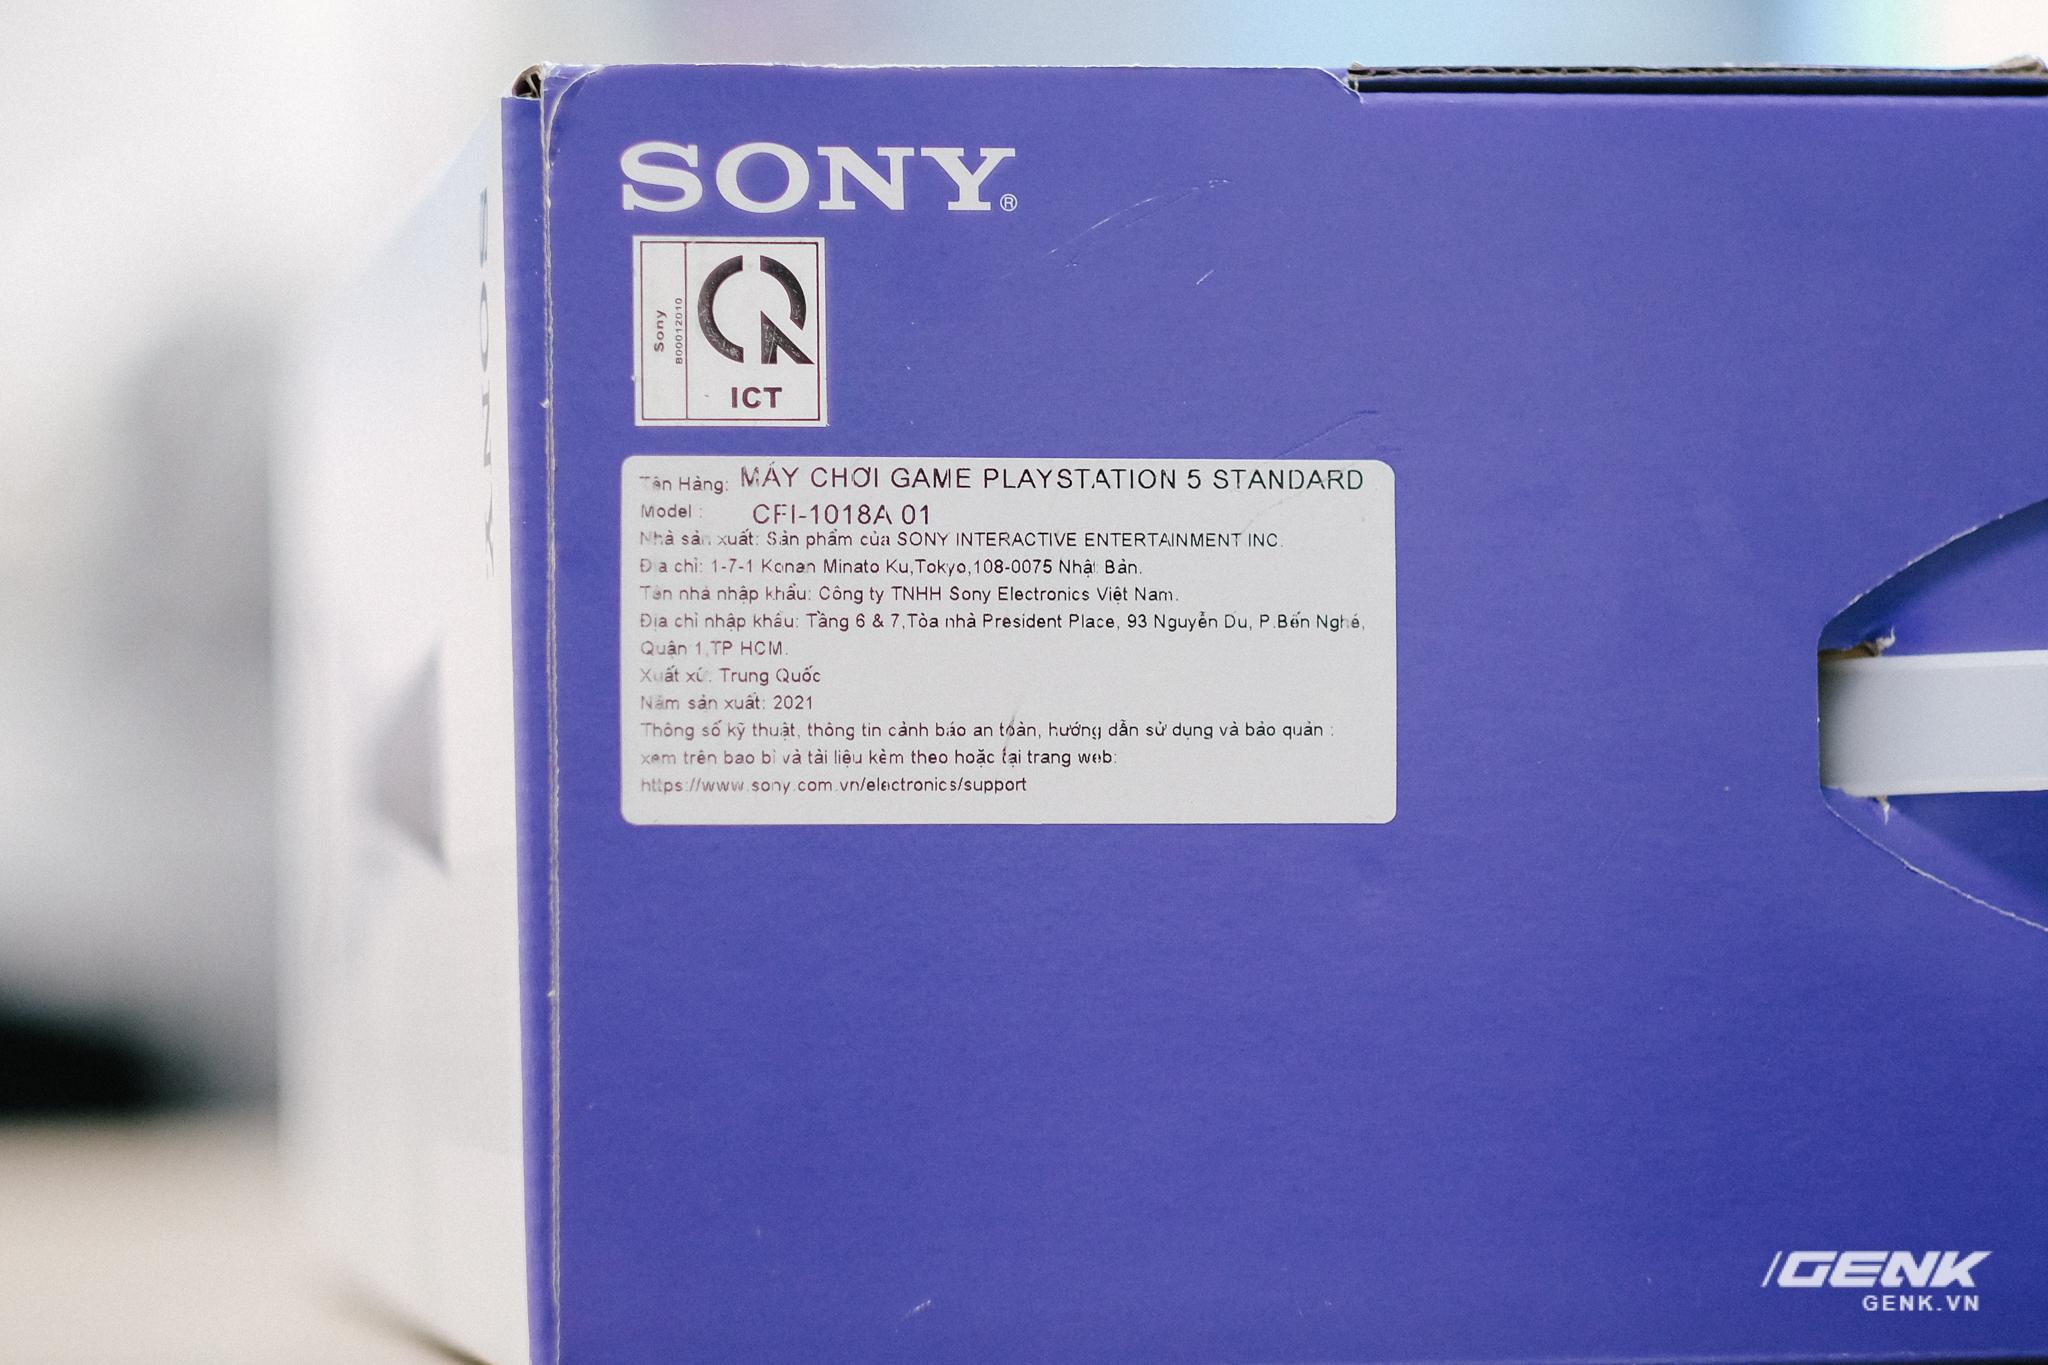 Mở hộp Playstation 5 chính hãng bán tại VN: Cấu hình mạnh, tay cầm xịn, mỗi tội phải mua bia kèm lạc - Ảnh 1.